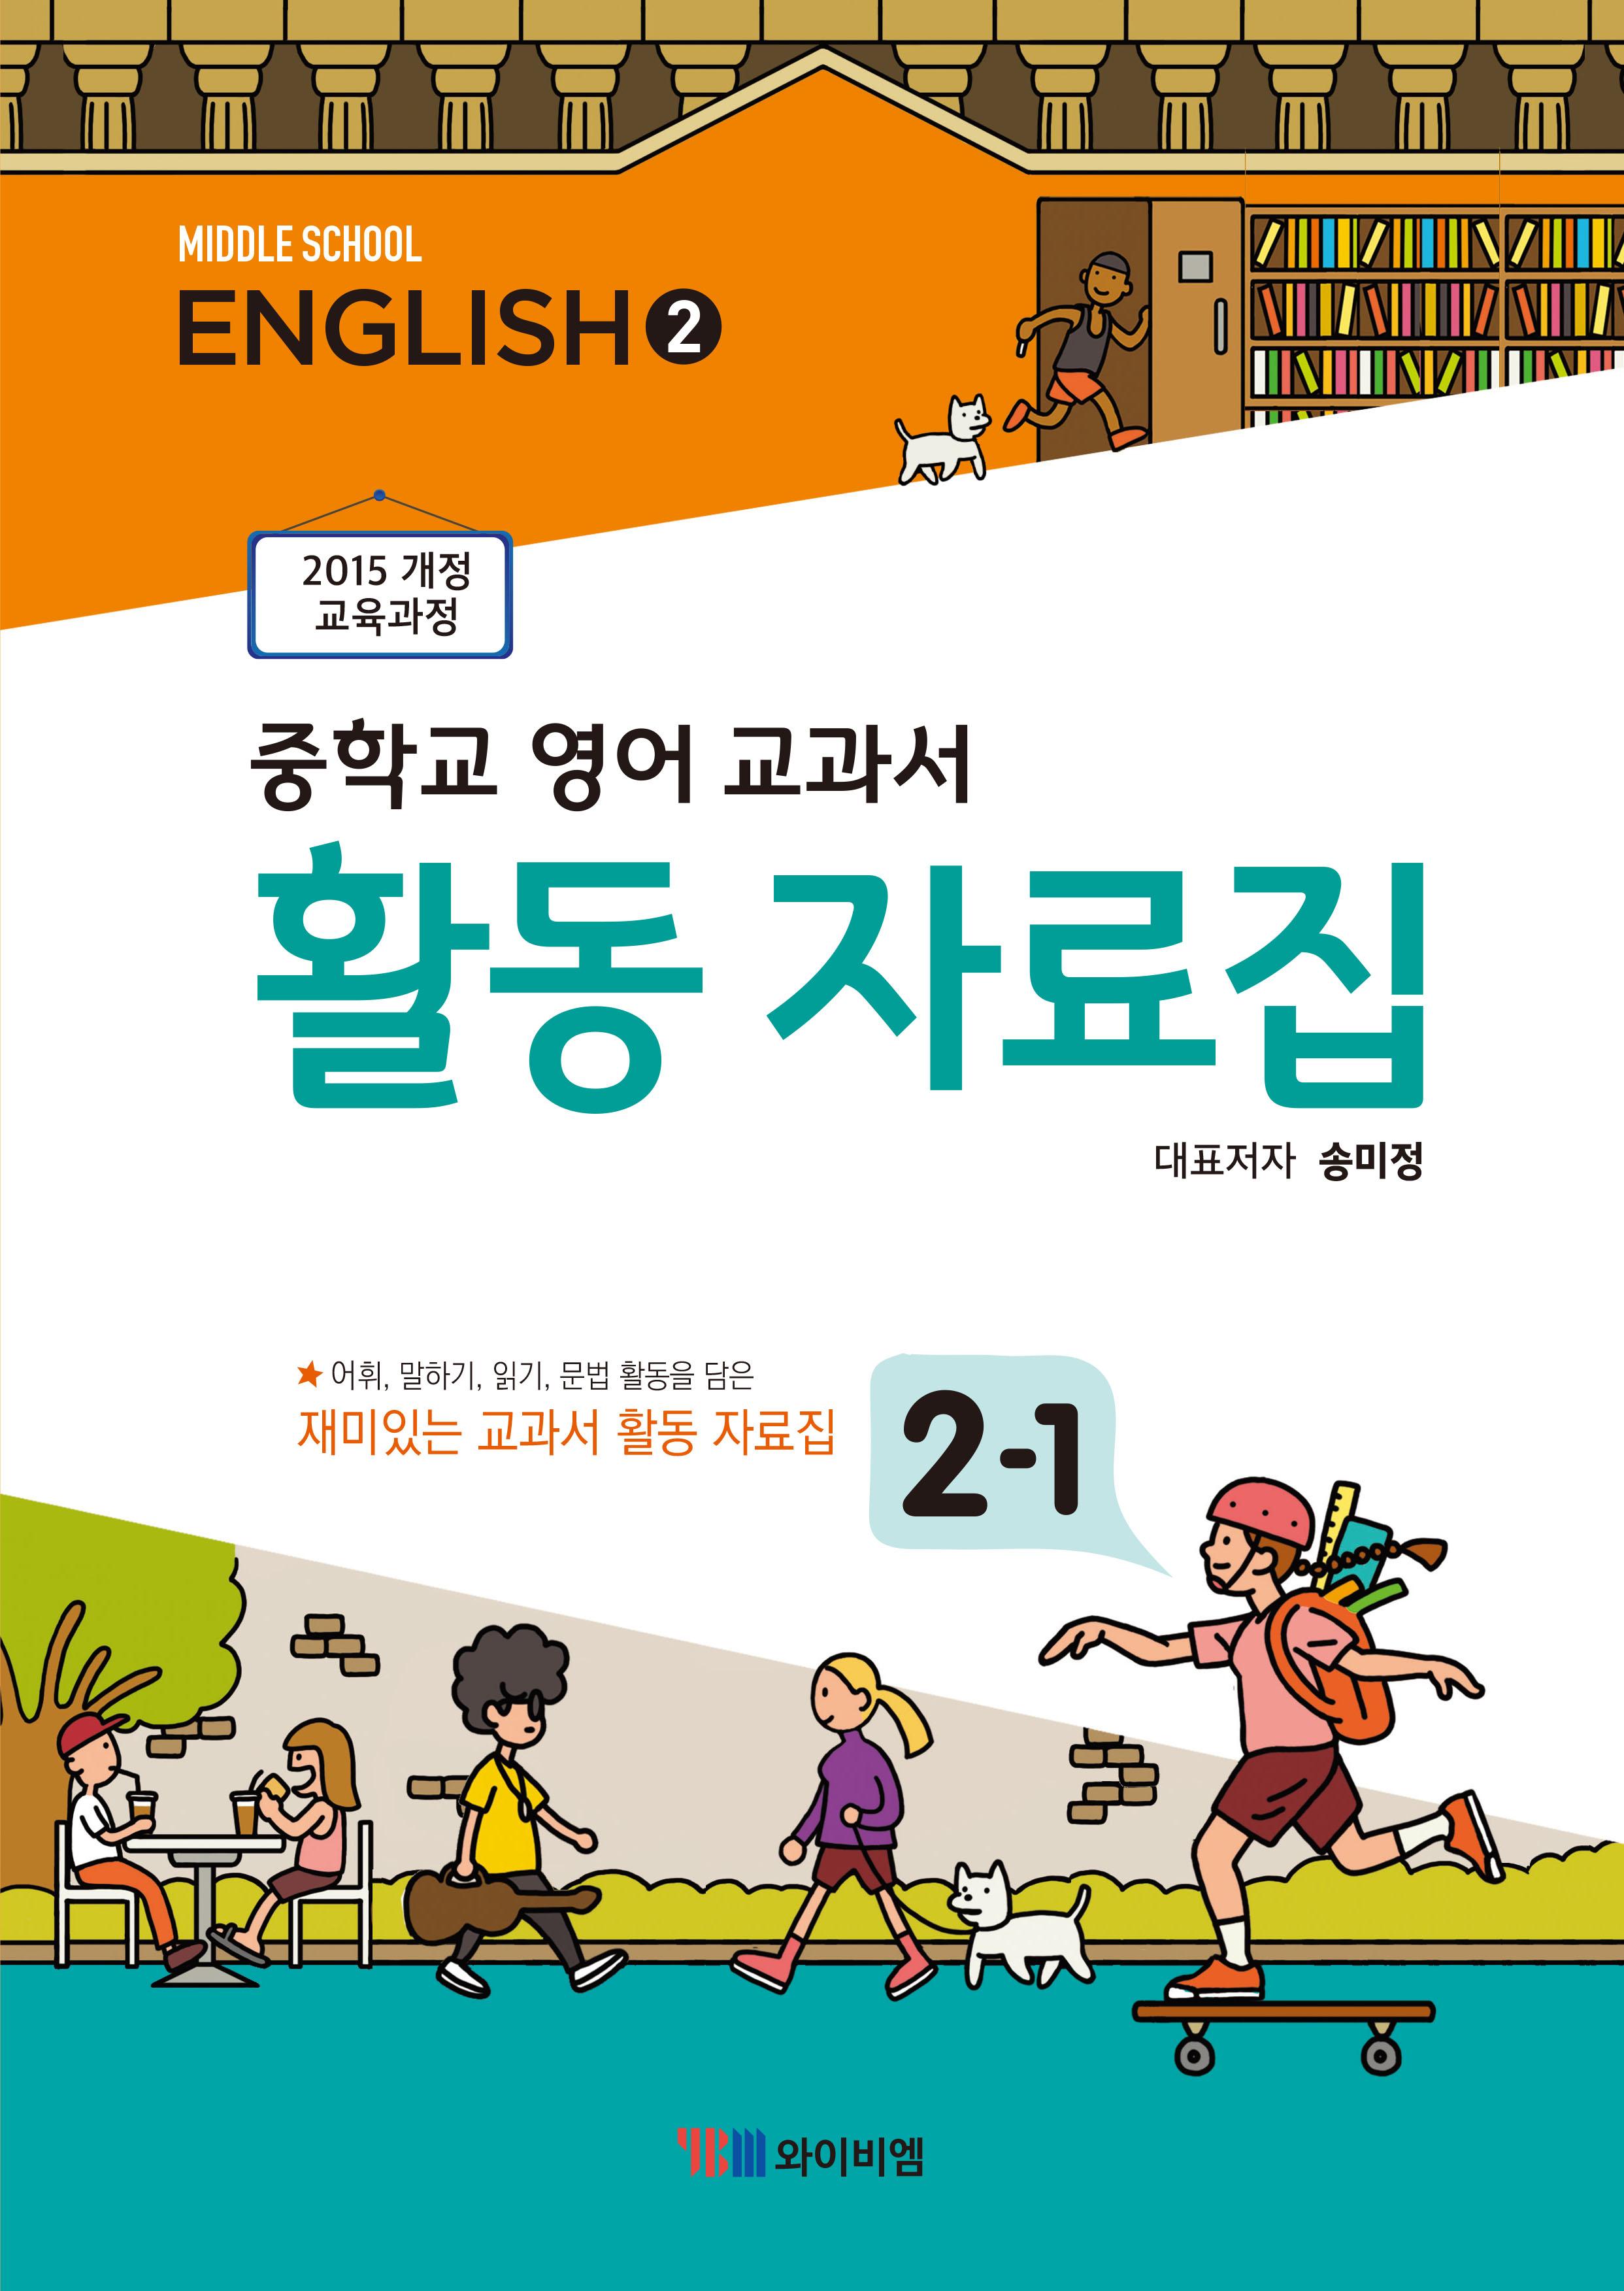 중학교 영어 2학년 1학기(송미정) 교과서 활동 자료집